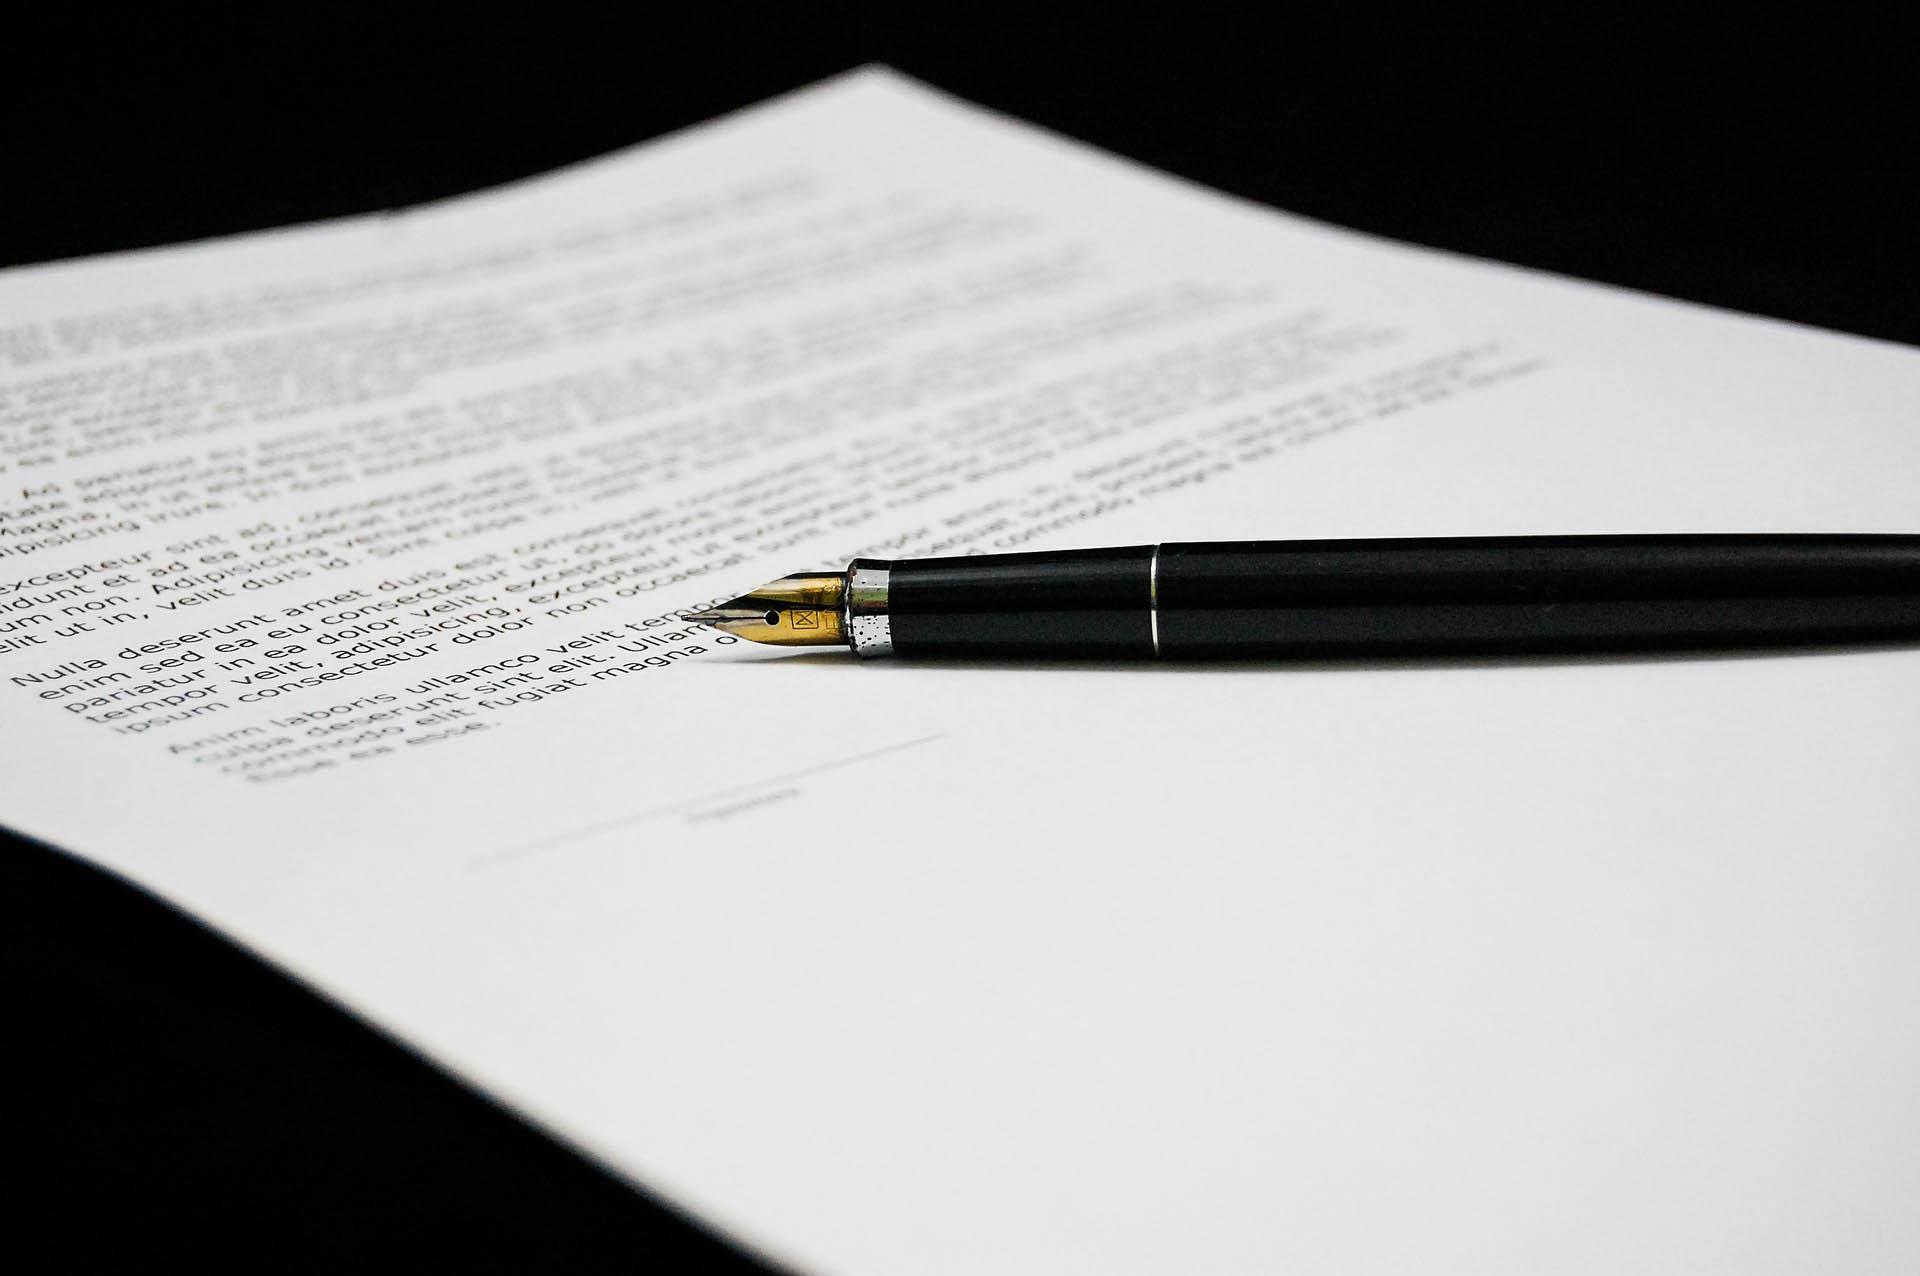 USCIS перестала принимать прошения на предоставление рабочей визы типа Н-2В